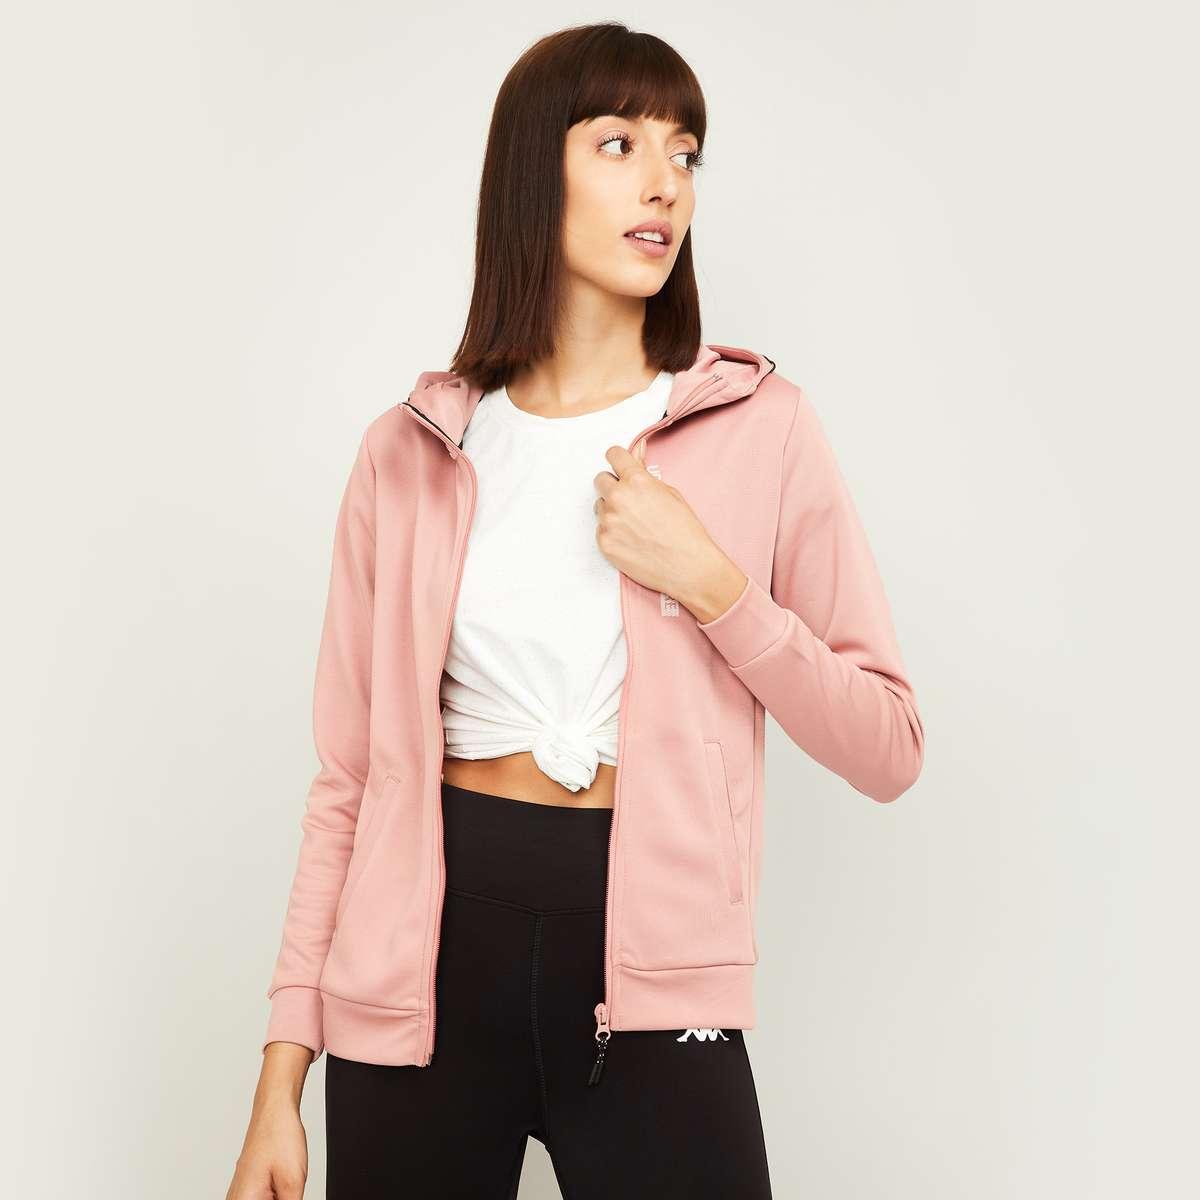 3.KAPPA Women Hooded Sports Jacket